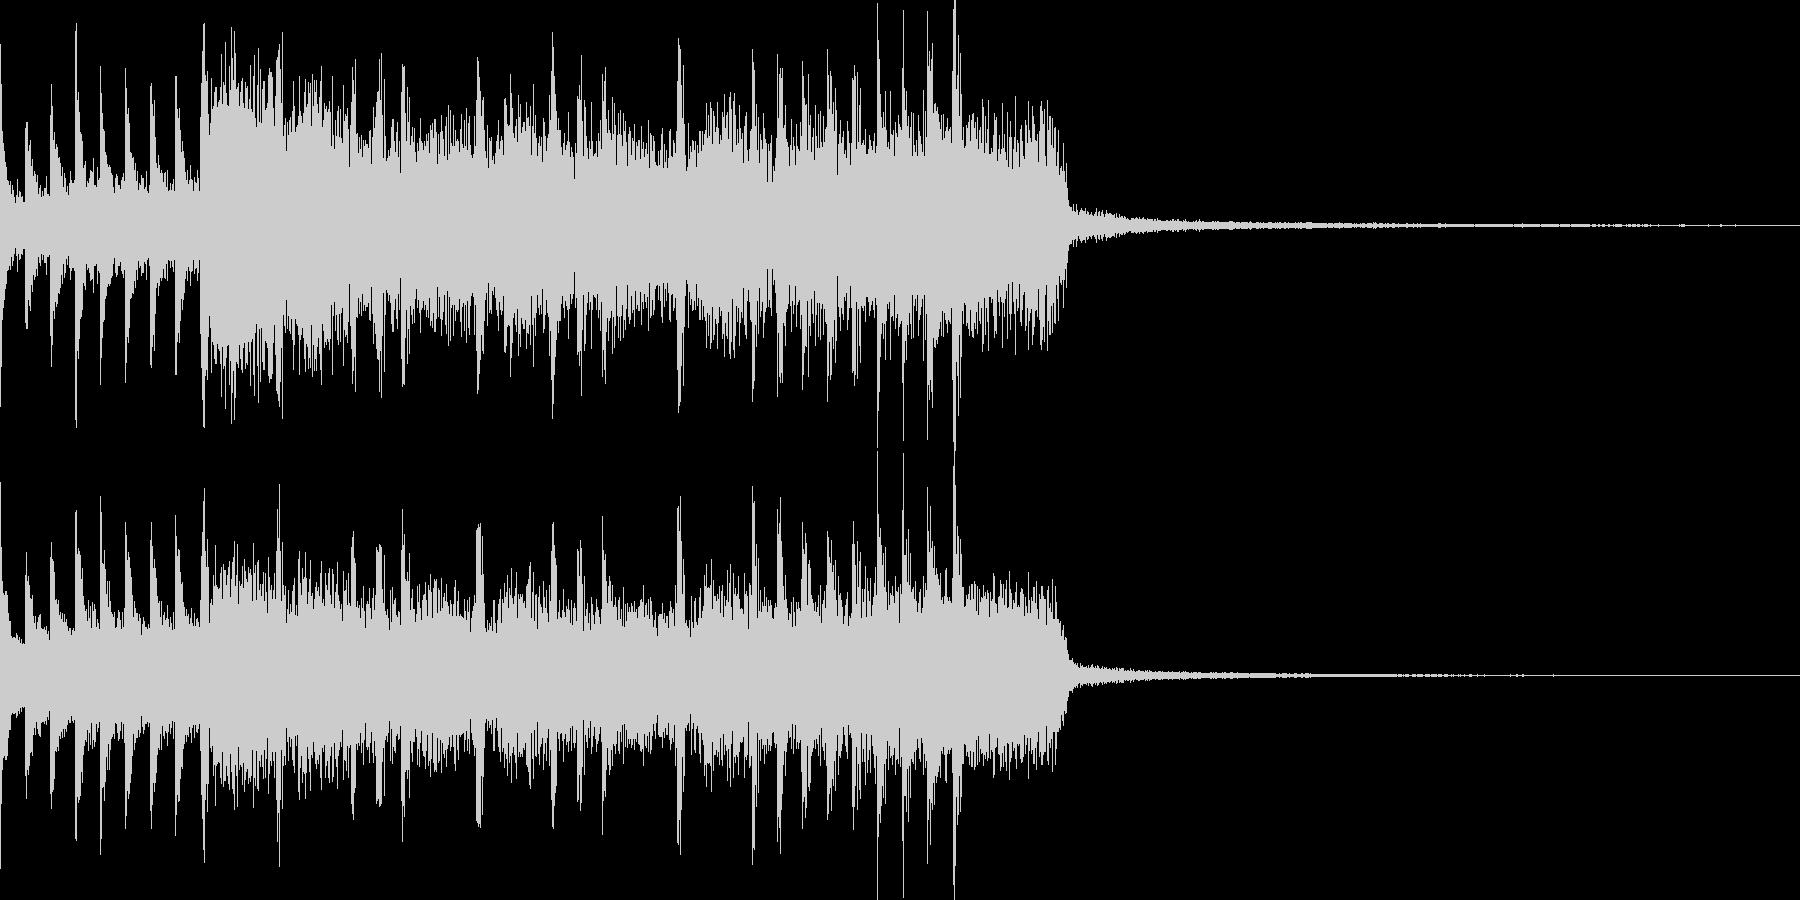 不協和音なハードロックジングルの未再生の波形